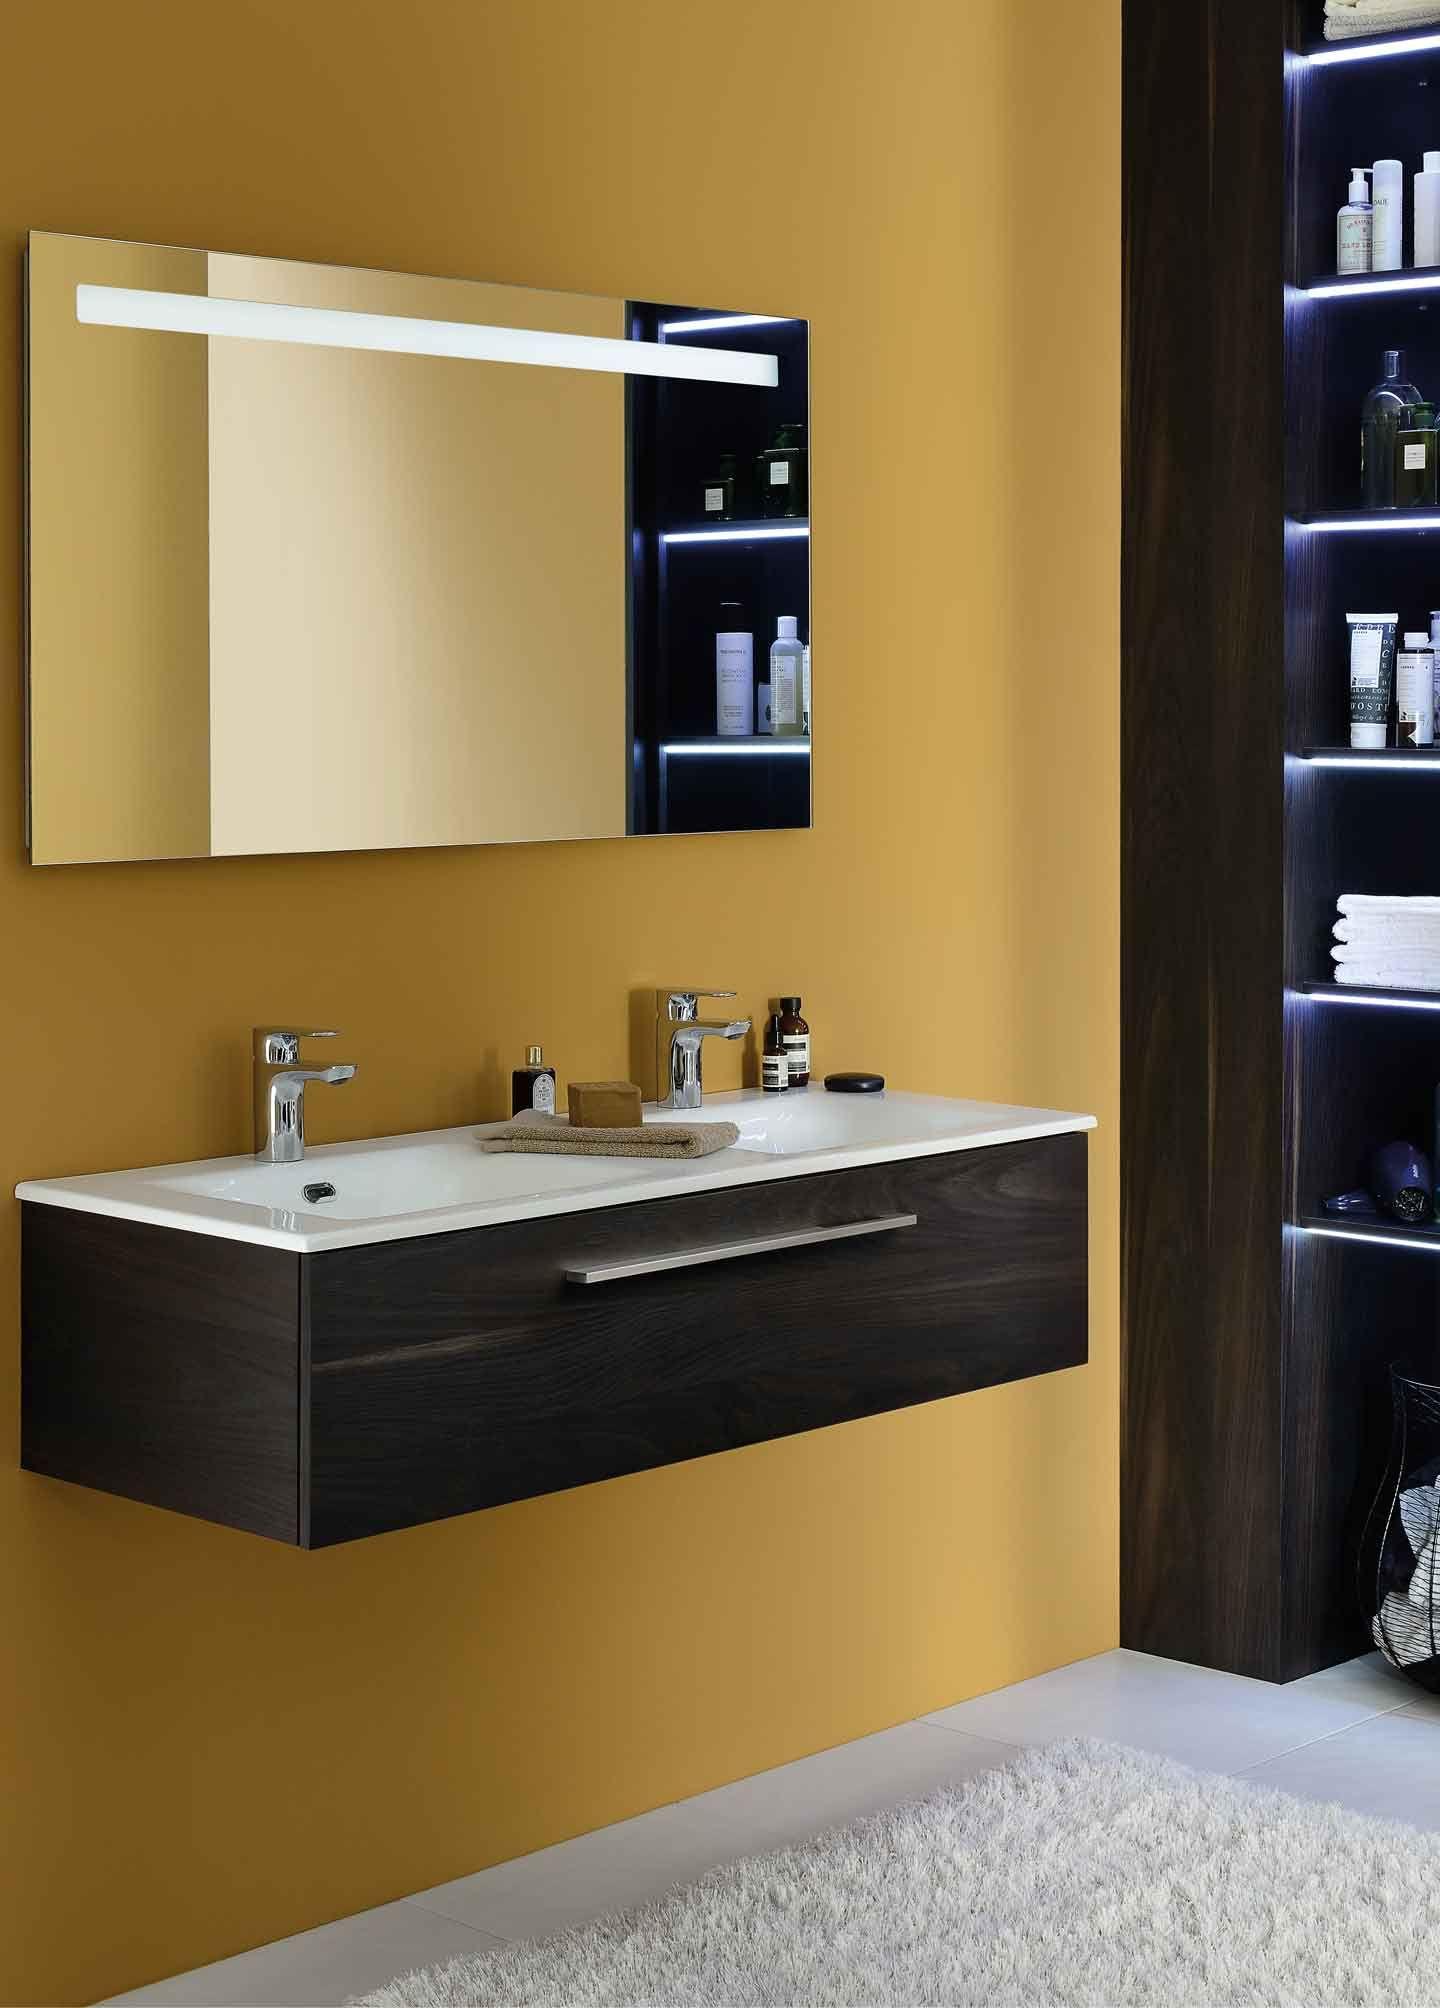 Meuble halo miroir salle de bain salles de bains Eclairage salle de bain ikea